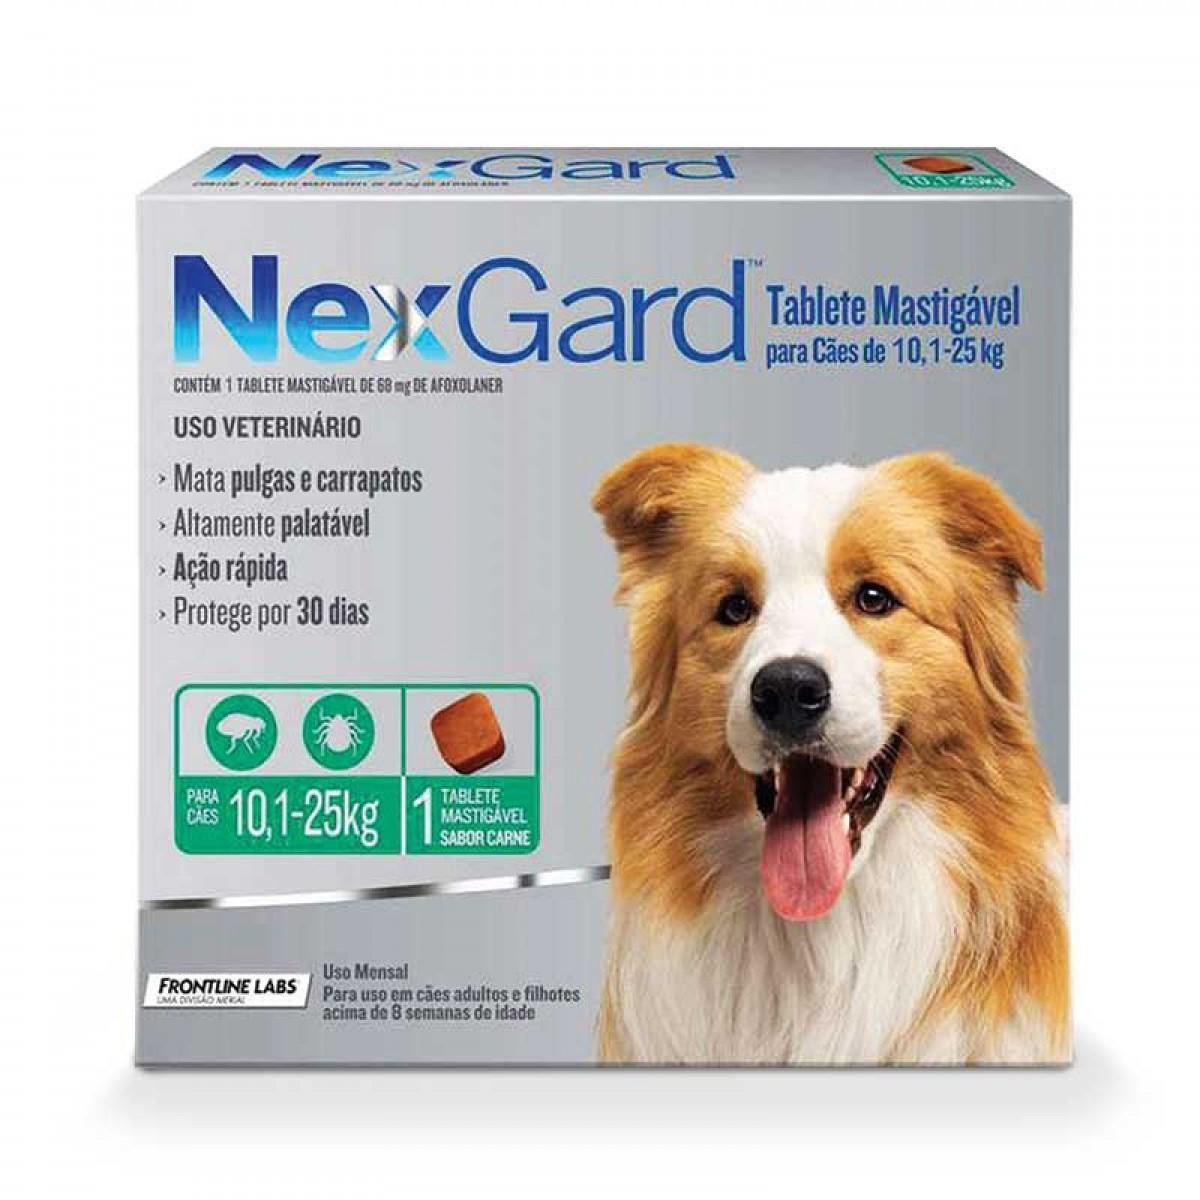 Antipulgas e Carrapatos para Cães - 10,1 a 25 Kg -  1 Tablete Avulso - NexGard